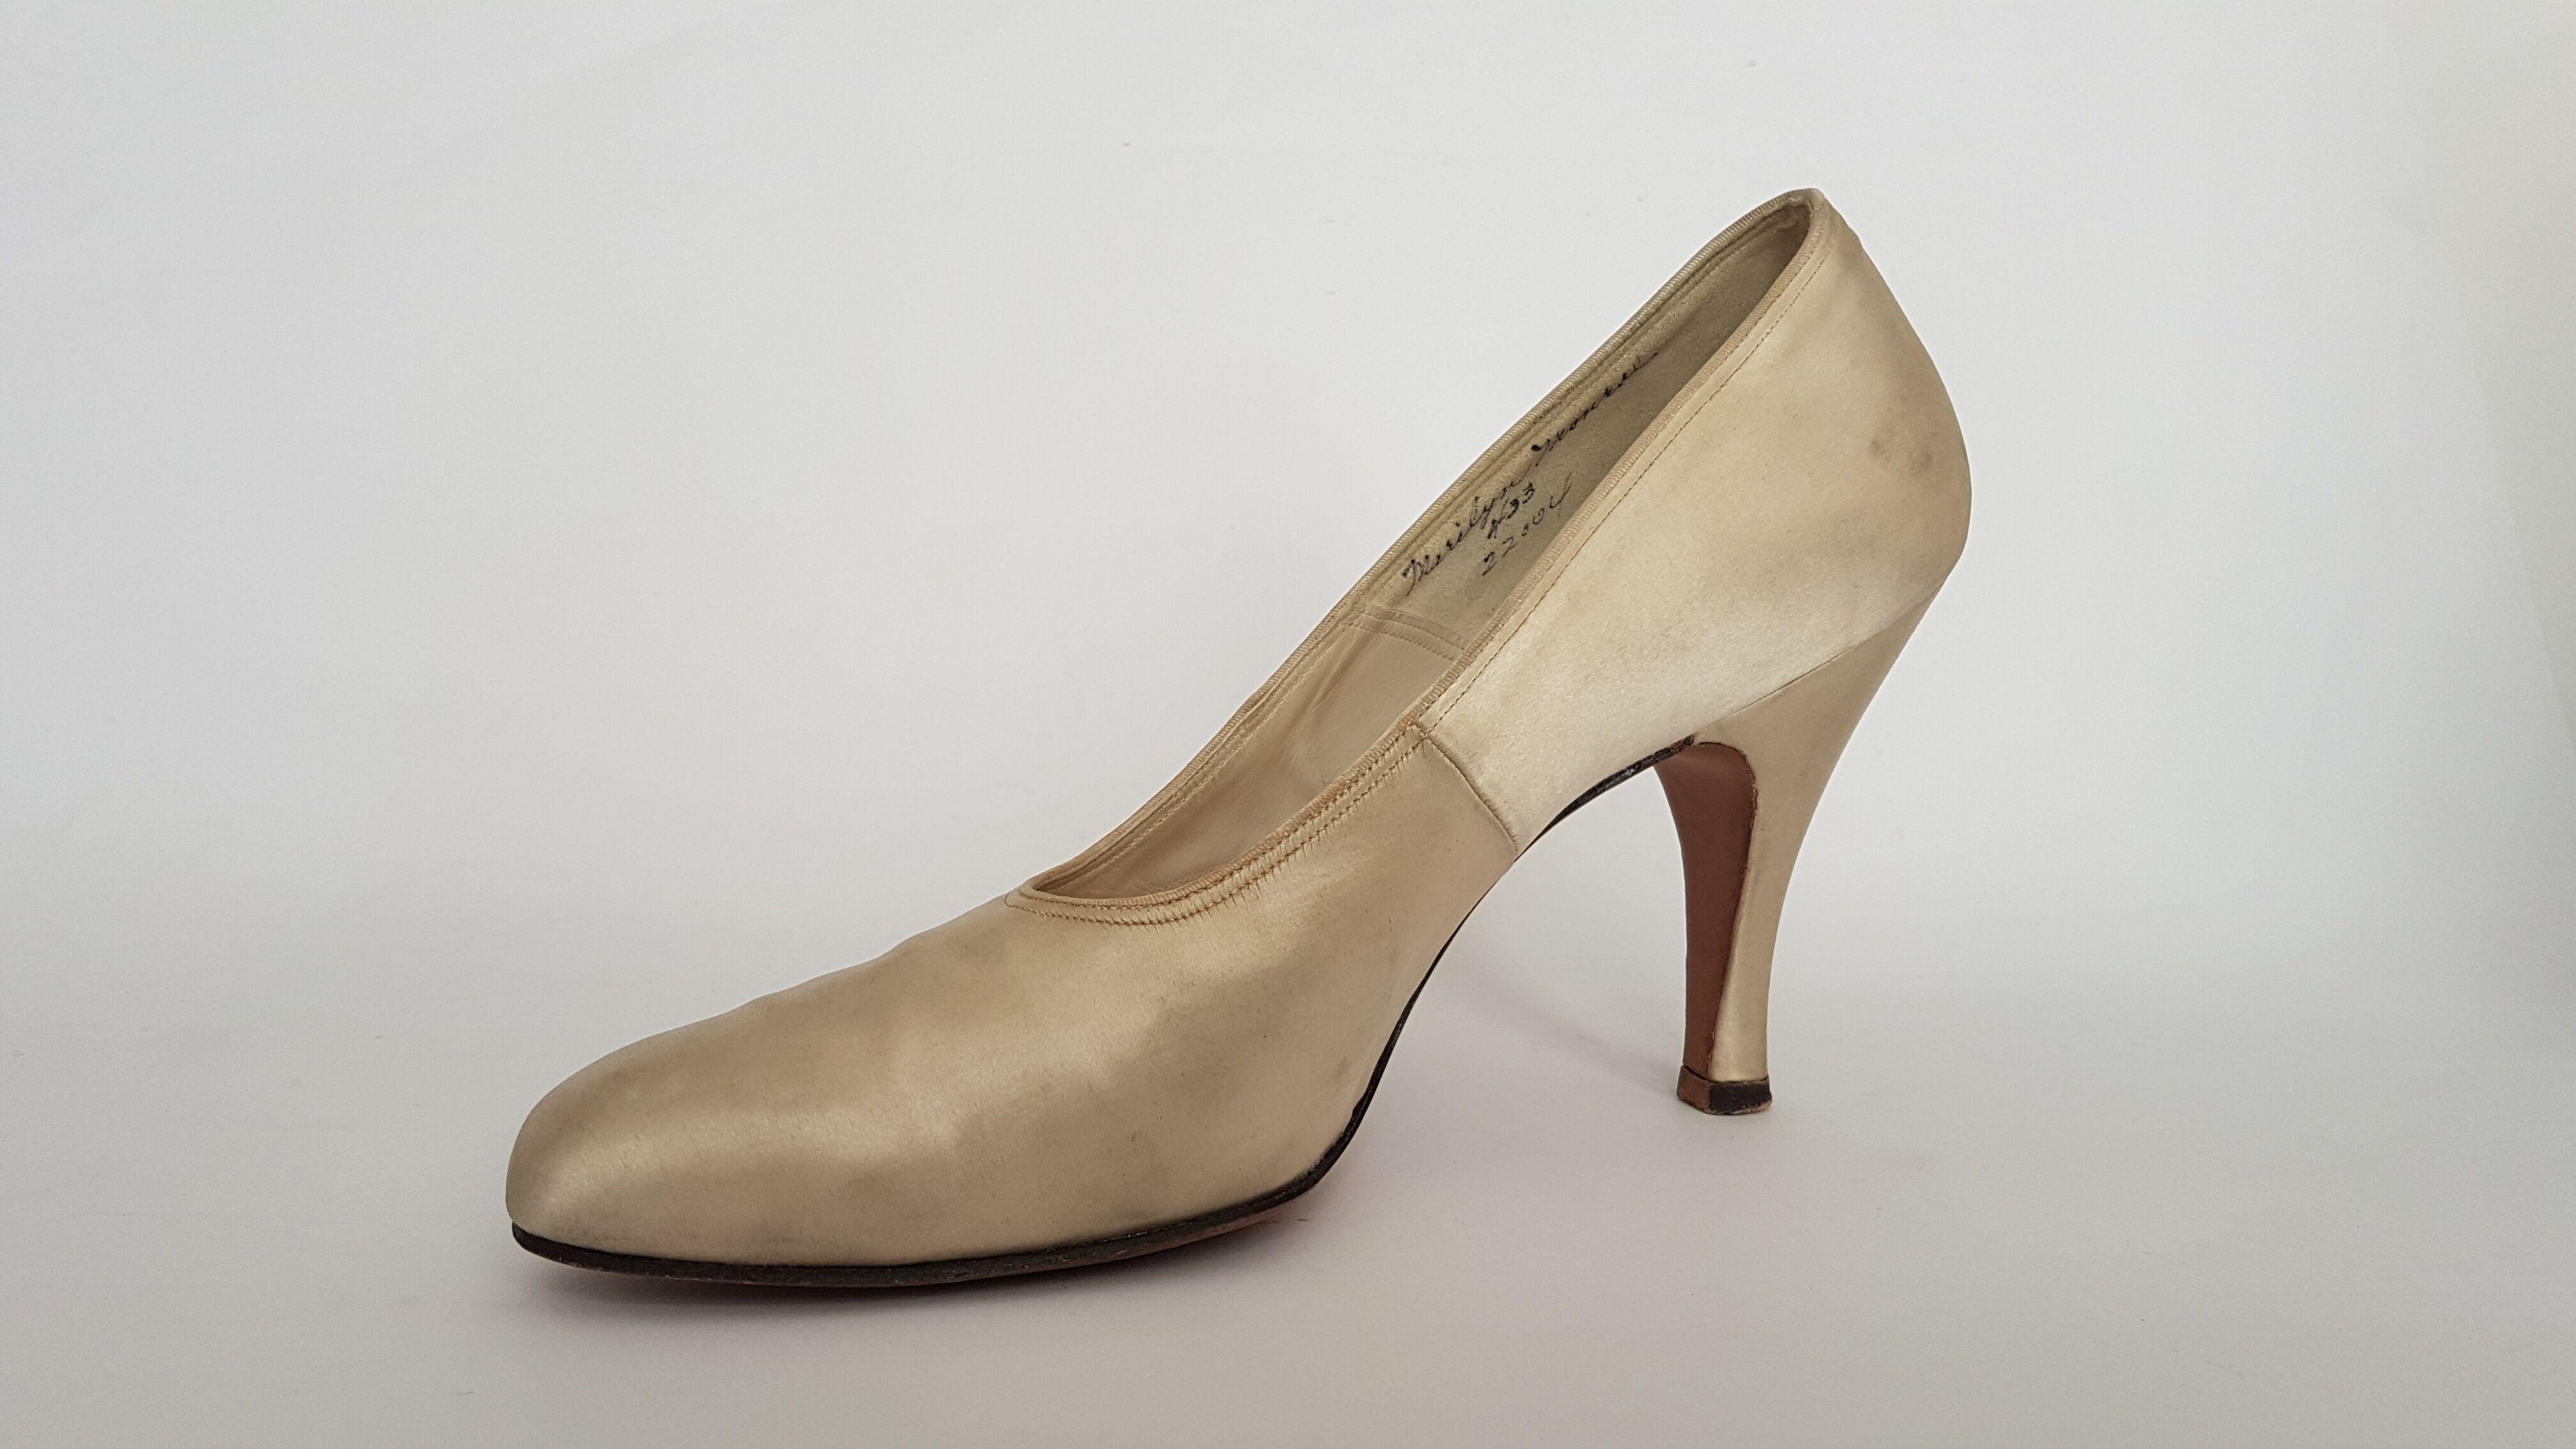 Diesen Schuh trug Marilyn Monroe im Januar 1955 bei einem Pressetermin als sie die Gründung ihrer Produktionsfirma Marilyn Monroe Productions, Inc. bekannt gab. (Foto: ©Ted Stampfer)